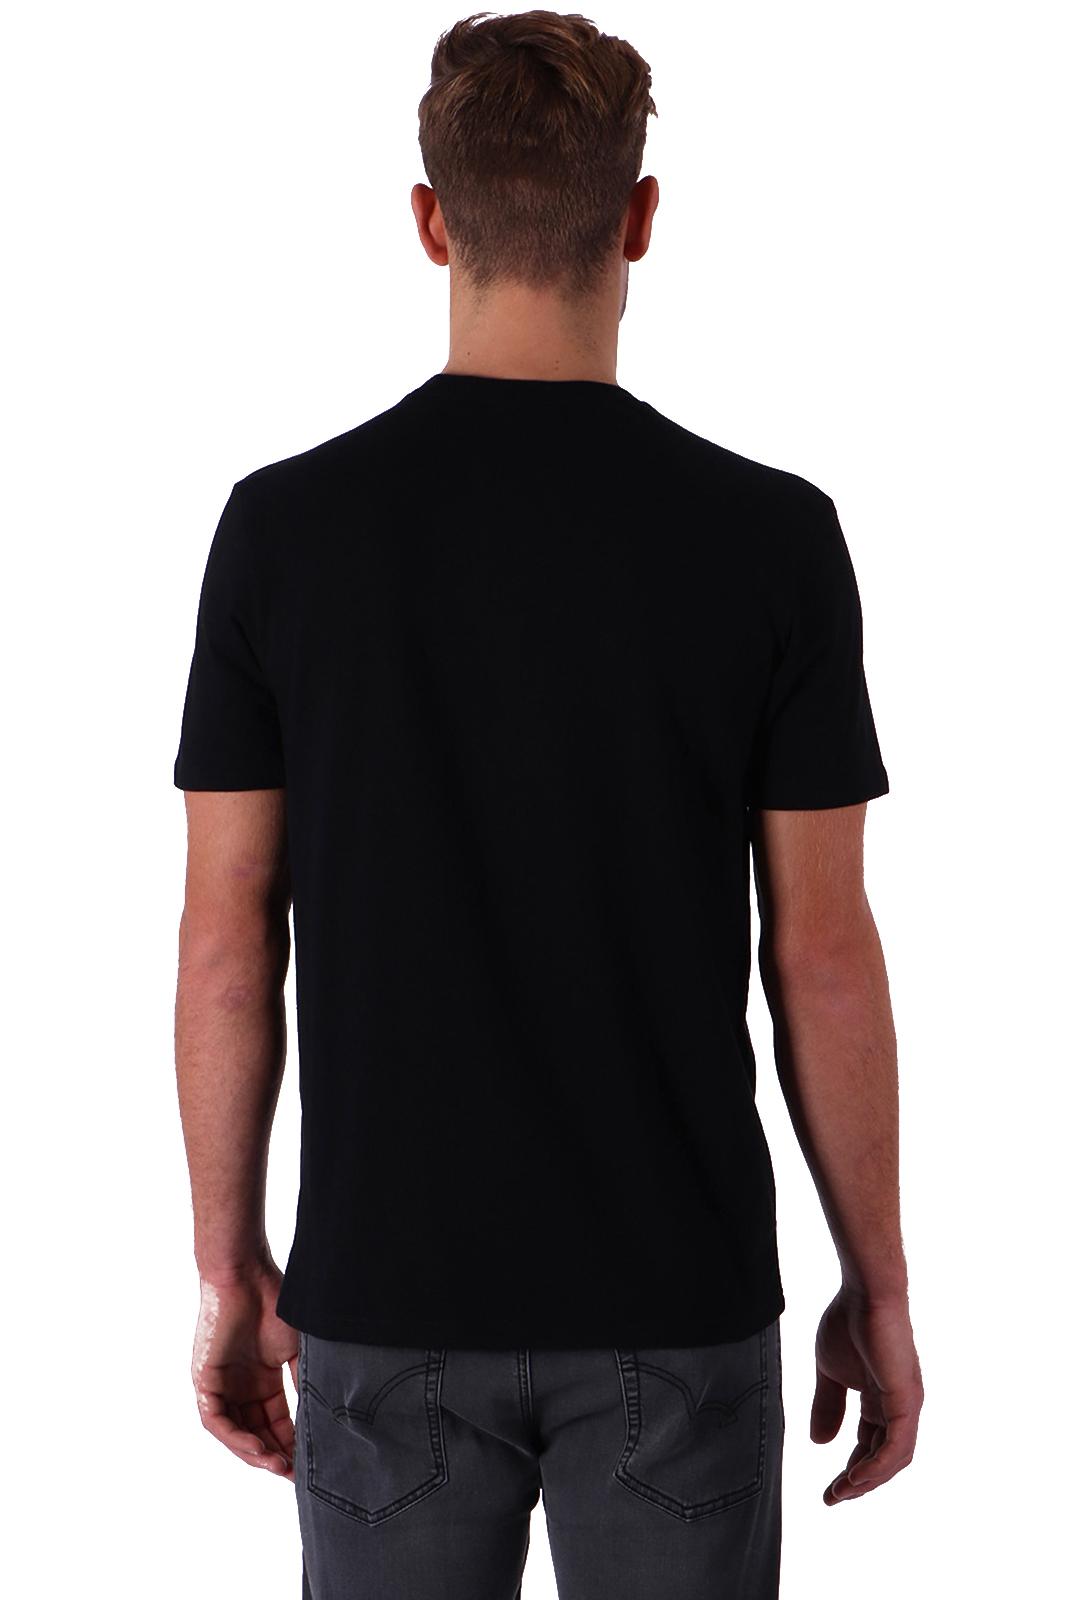 T-S manches courtes  Kaporal NIXON BLACK